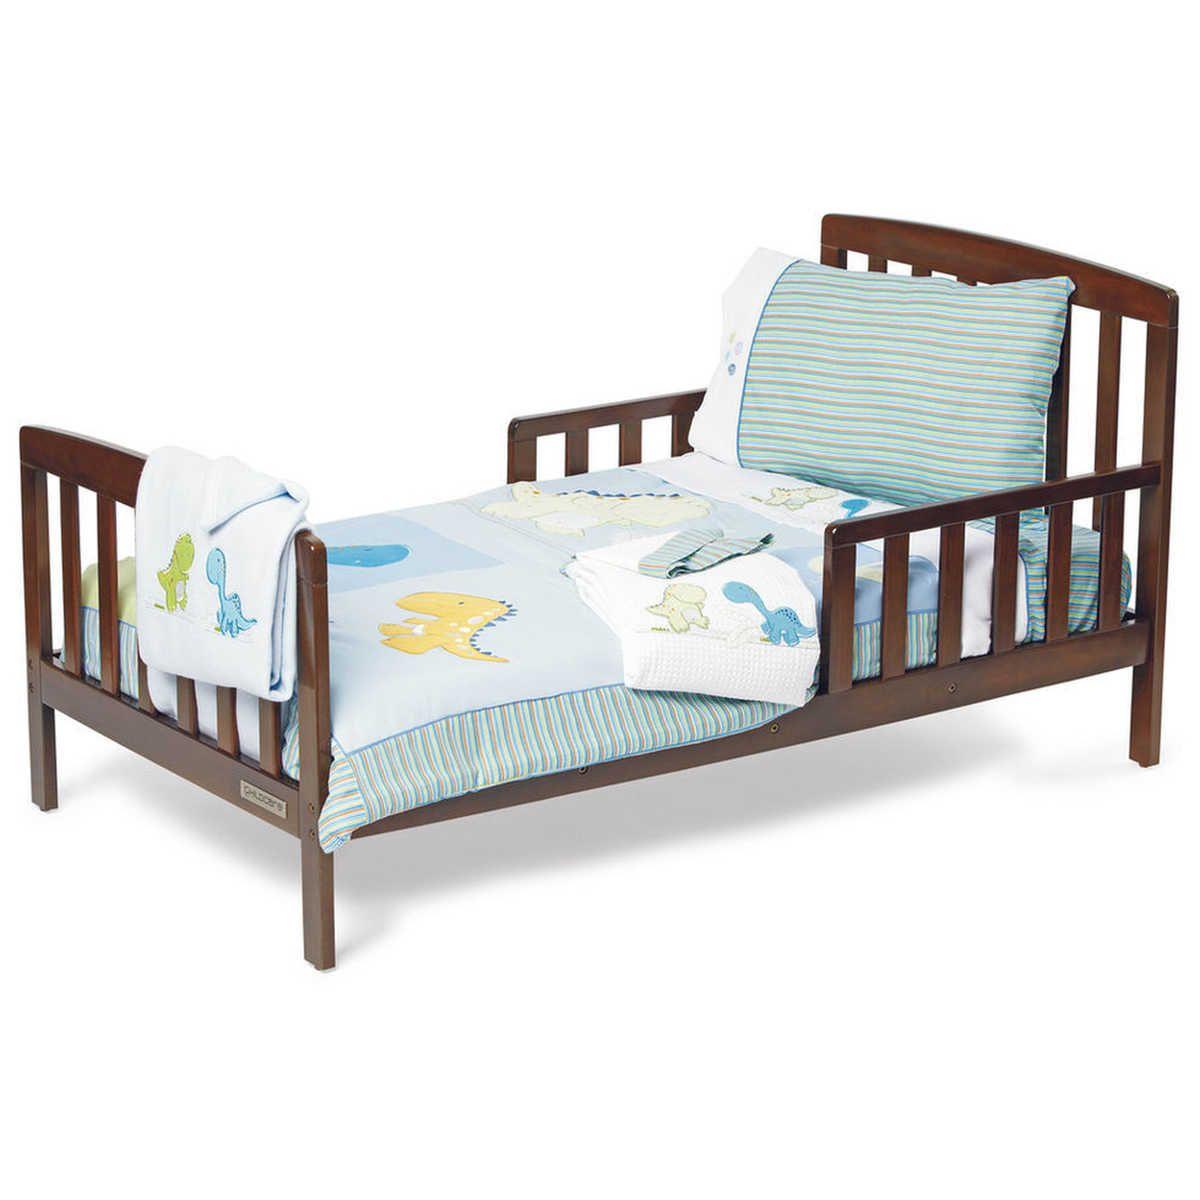 Toddlers And Toddler Beds Toddler Bed Toddler Bed Mattress Cheap Toddler Beds